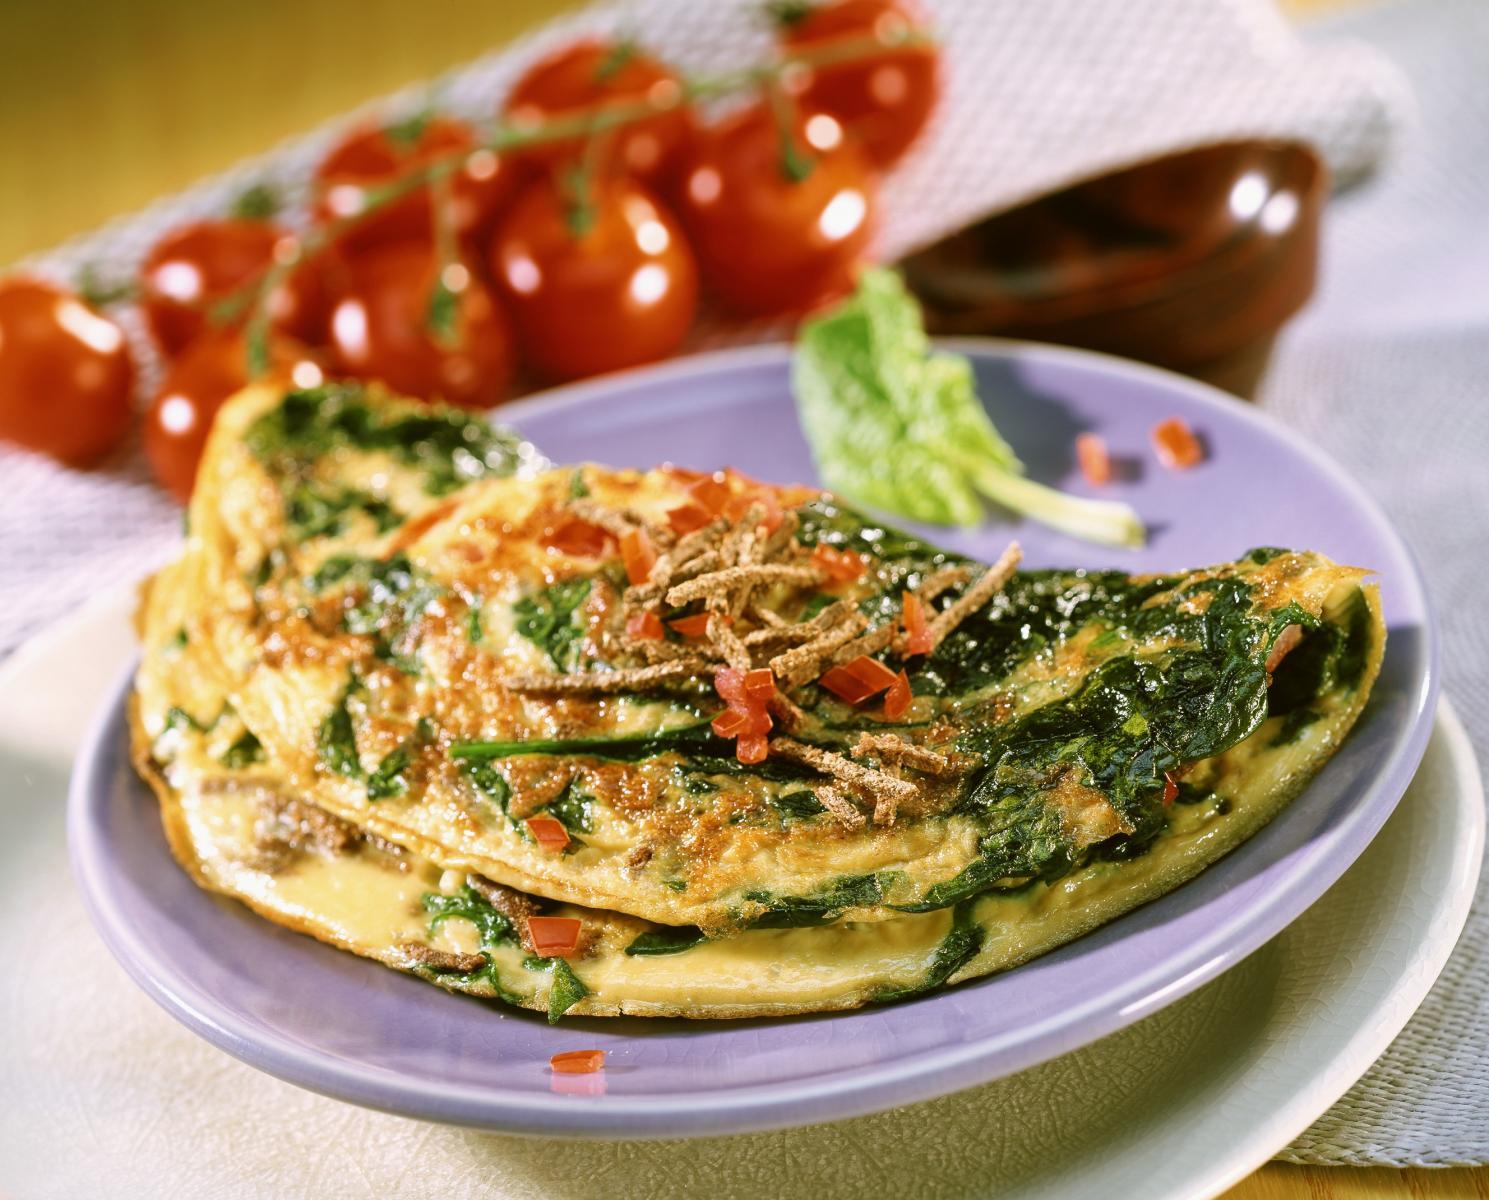 Вкусное блюдо из яиц - омлет из шпината